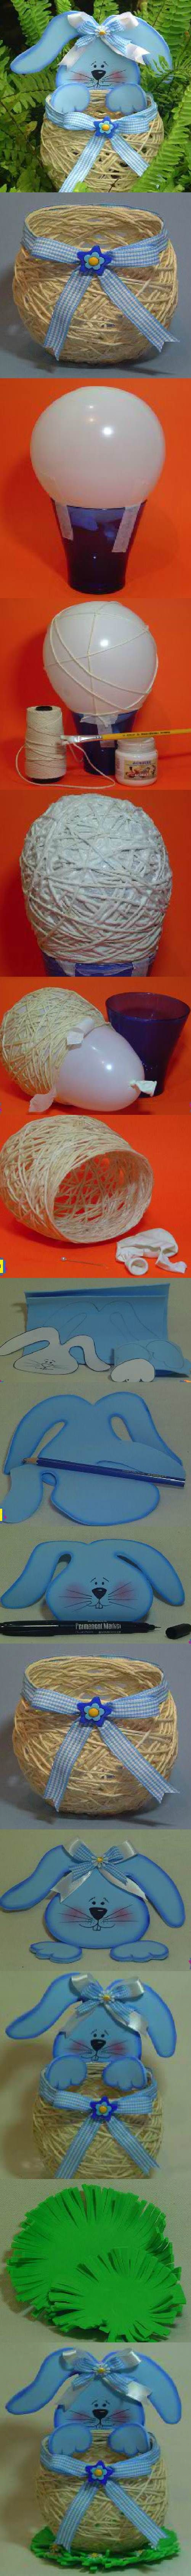 Pasqua laboratori per bambini lavoretti kids craft easter rabbit coniglio uova cesto cestino pasquale